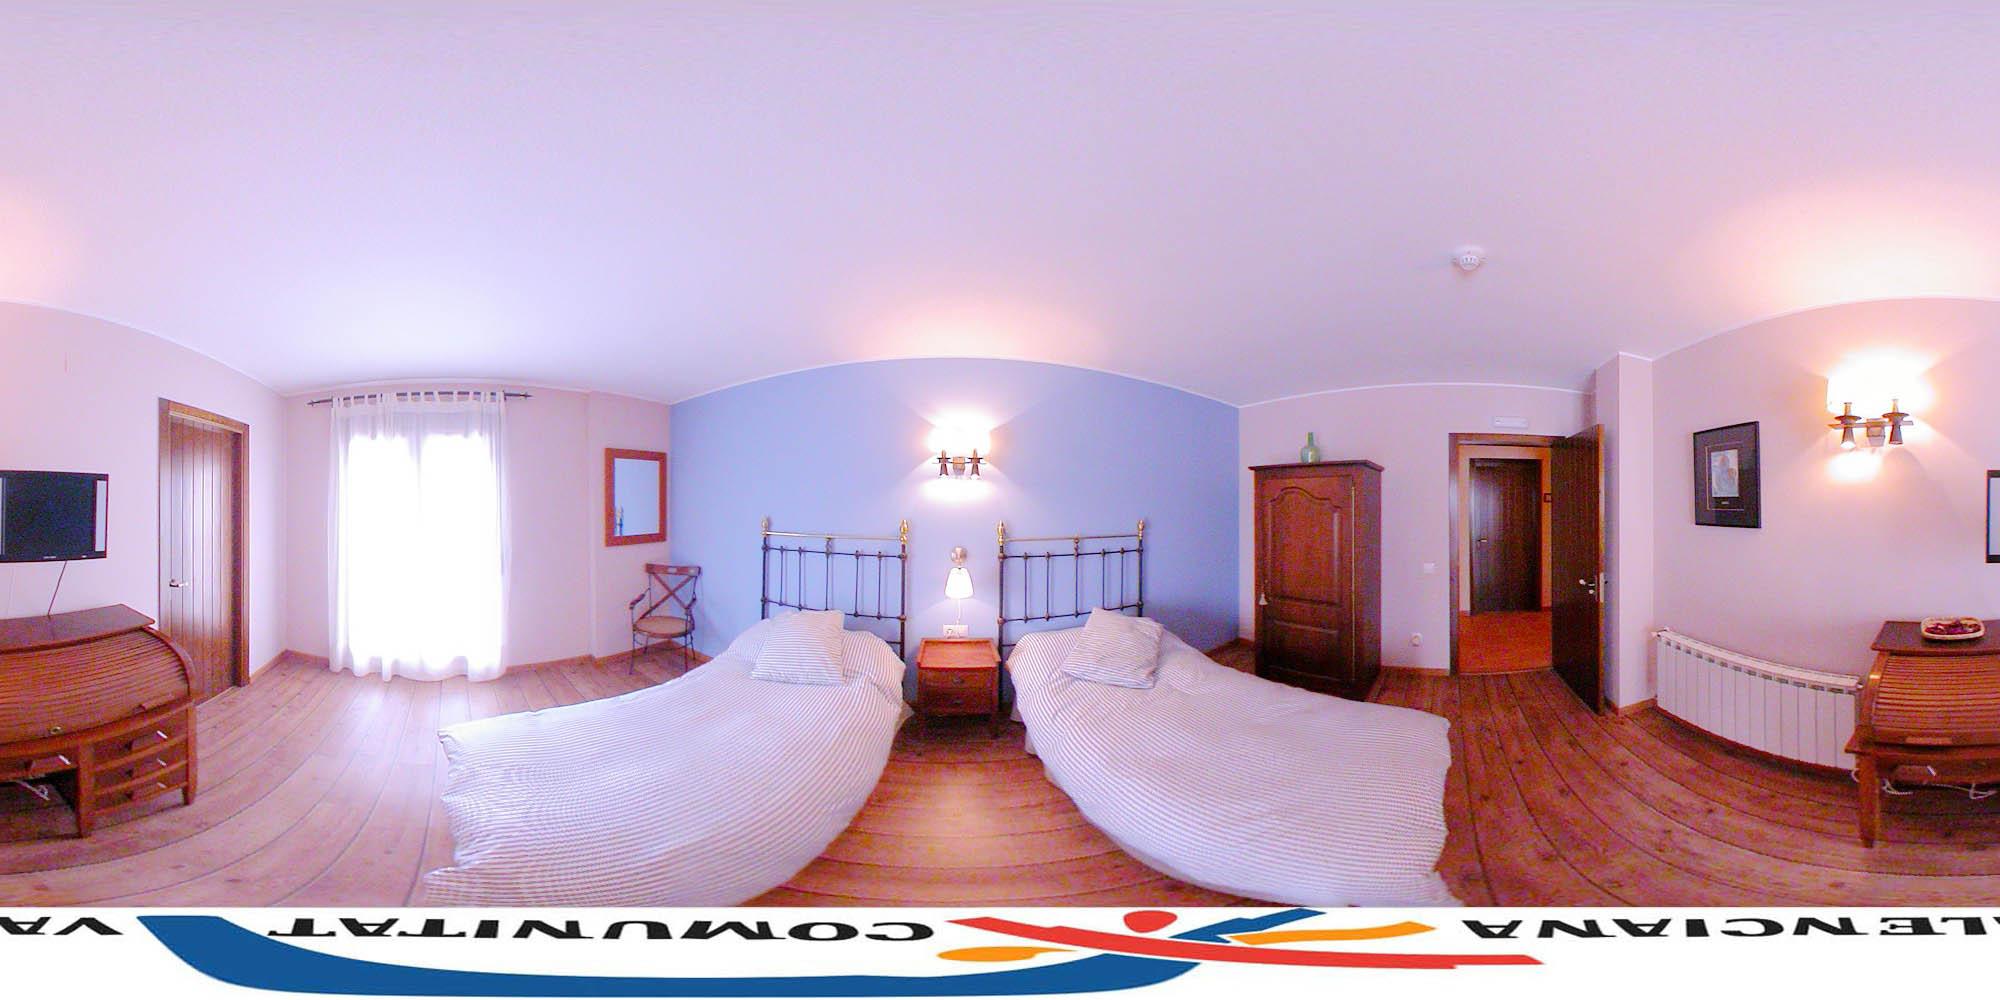 HOTEL LOS ABRILES